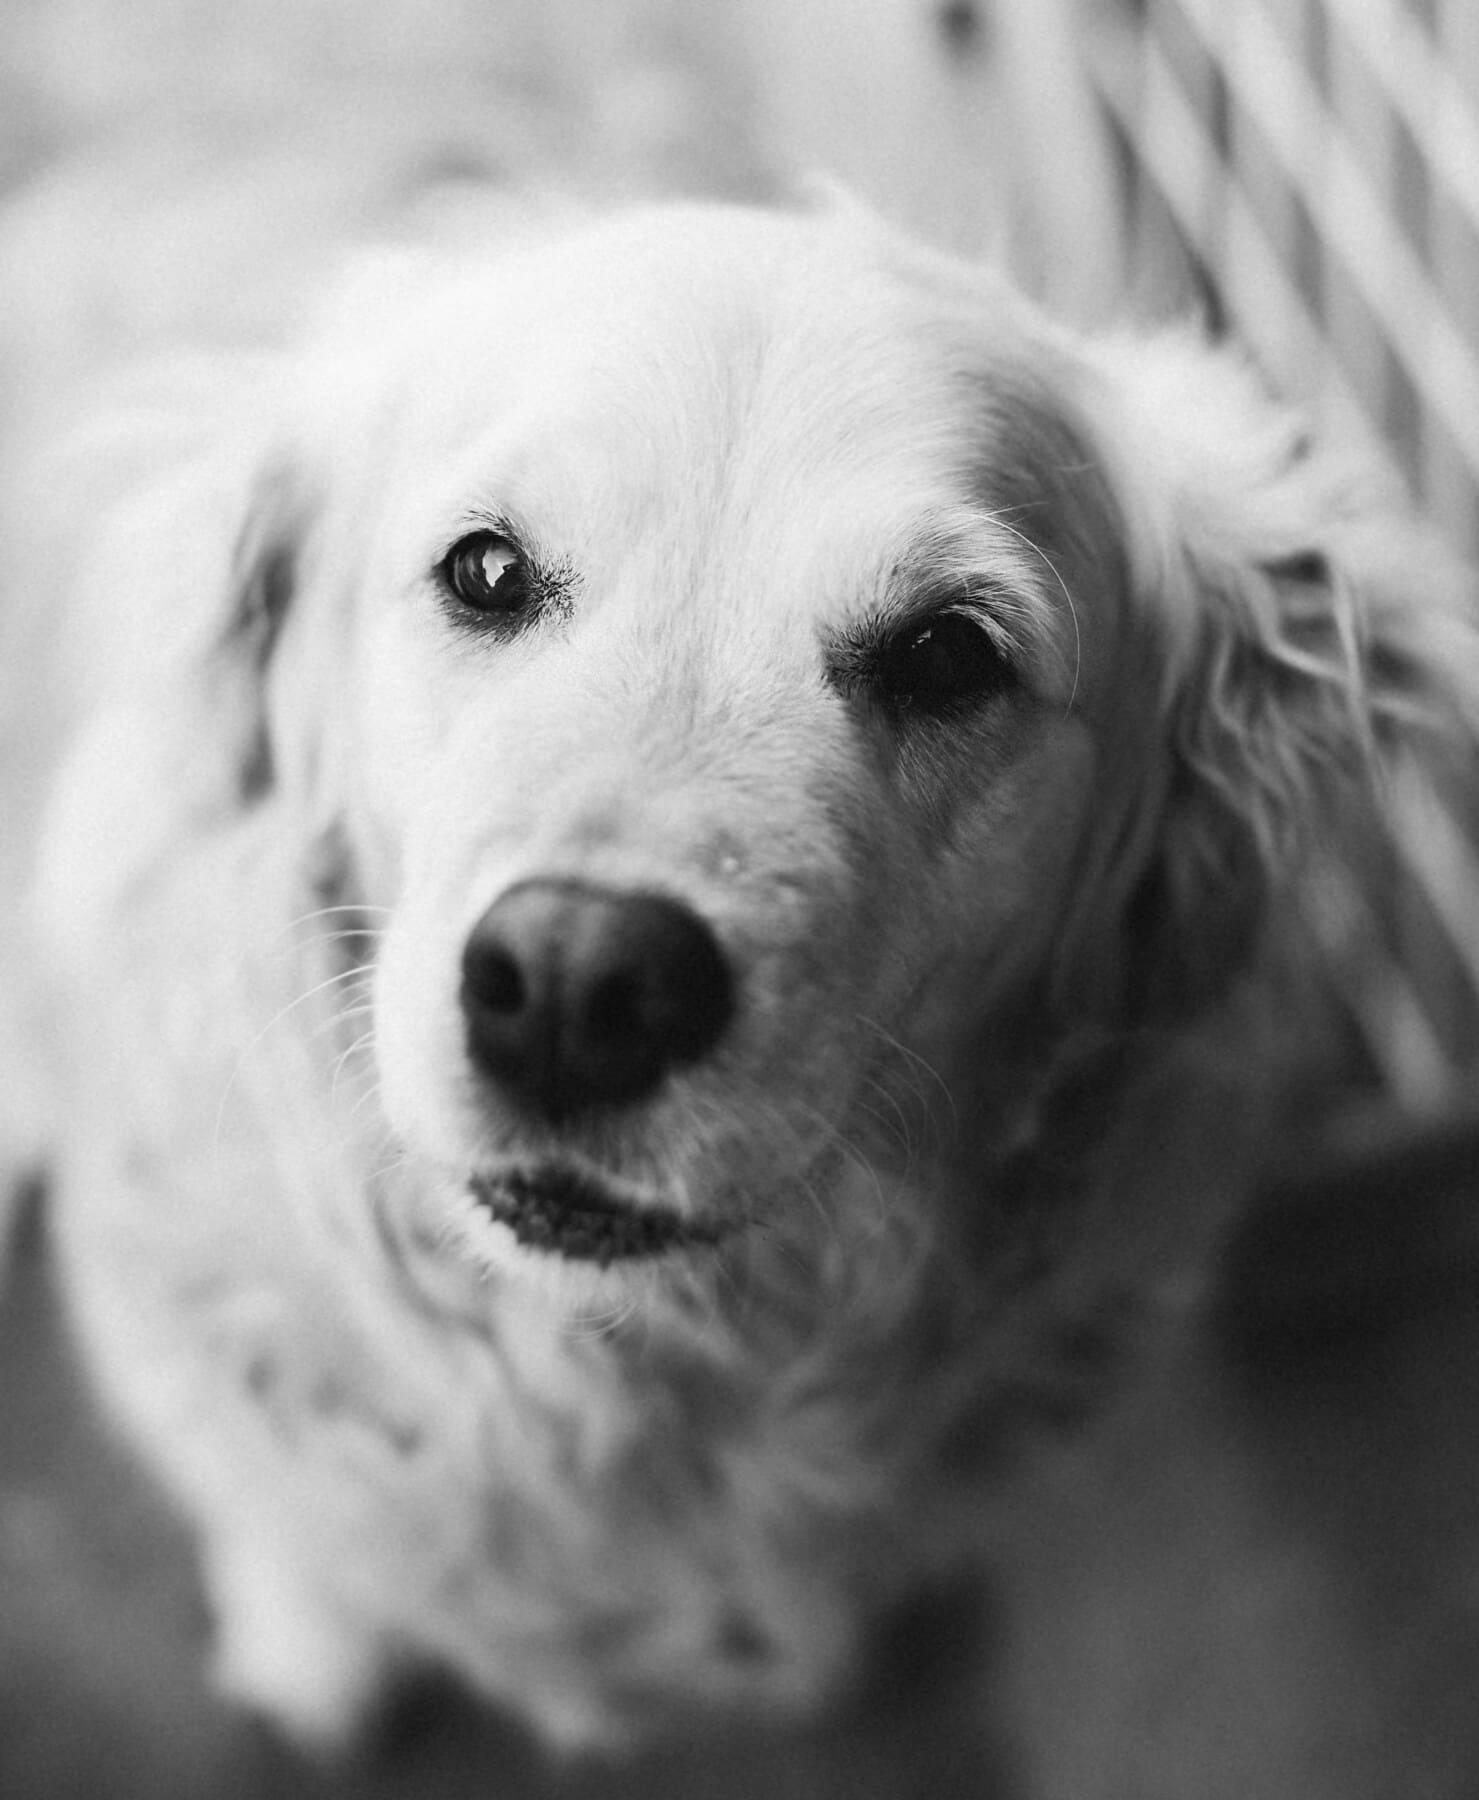 schwarz und weiß, Hund, grau, Sepia, Augen, Nase, Kopf, sitzen, Haustier, Pelz